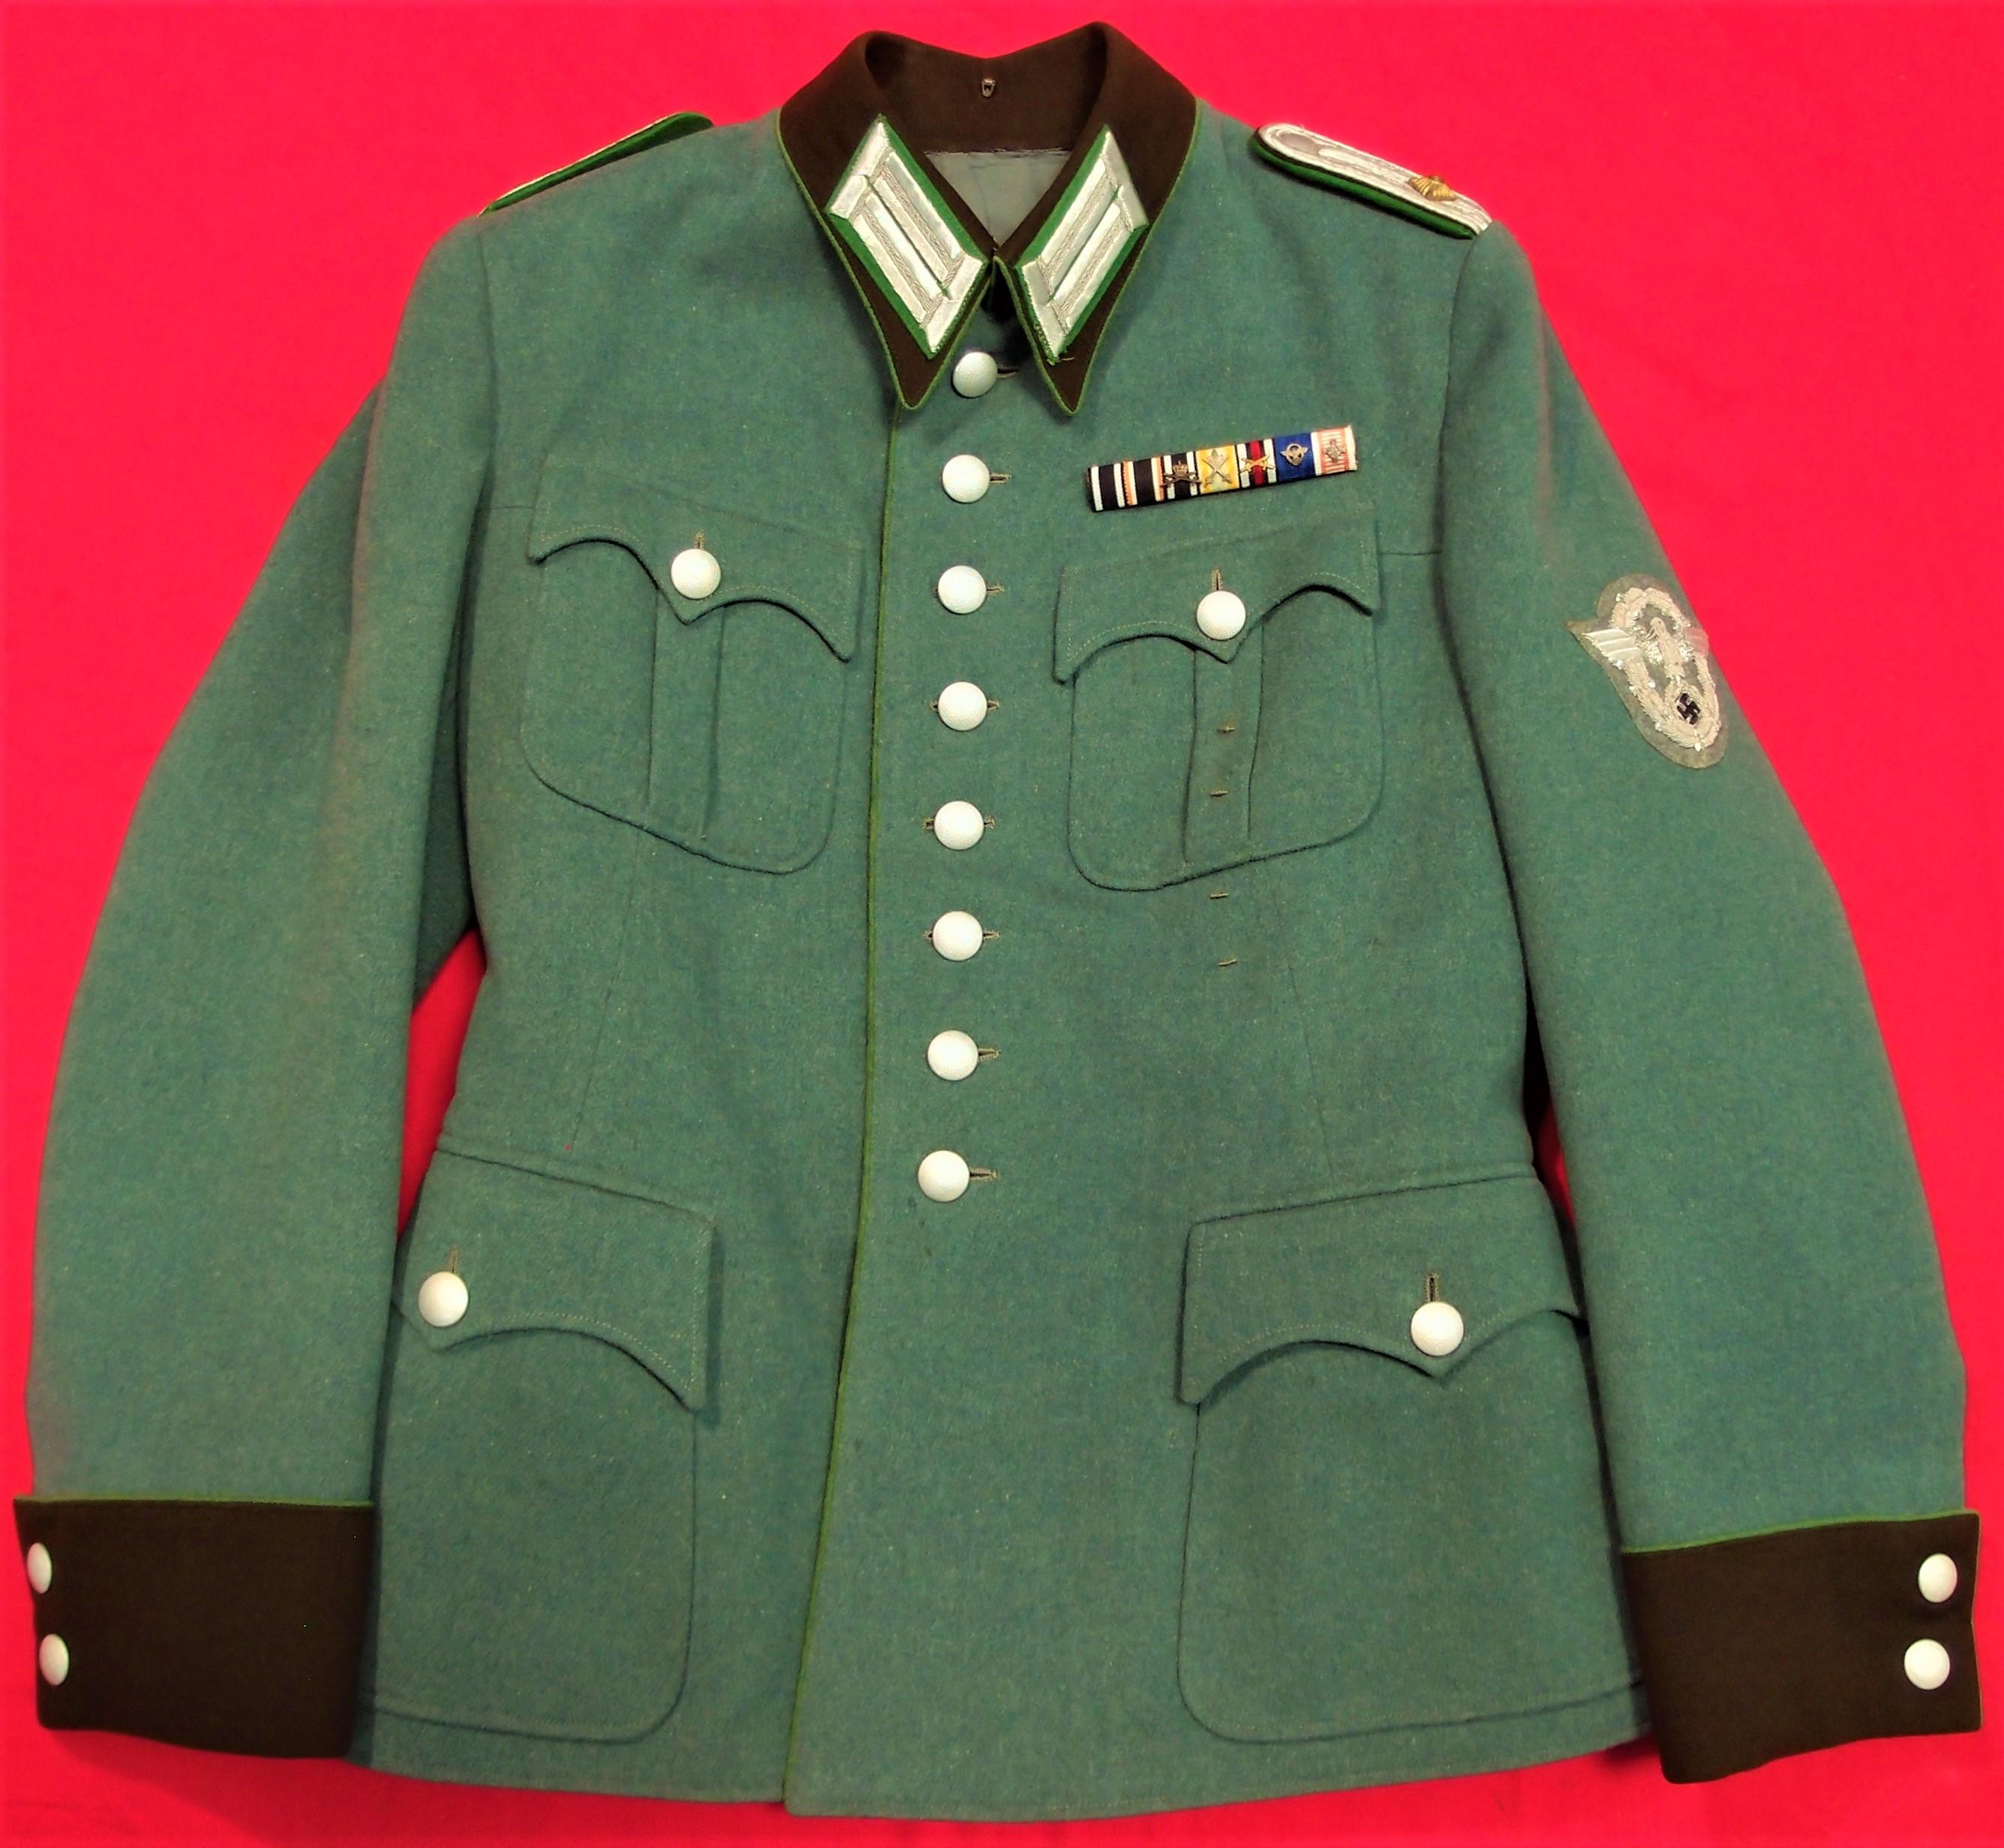 WW2 GERMAN POLICE OFFICER'S JACKET, PANTS & PEAKED CAP